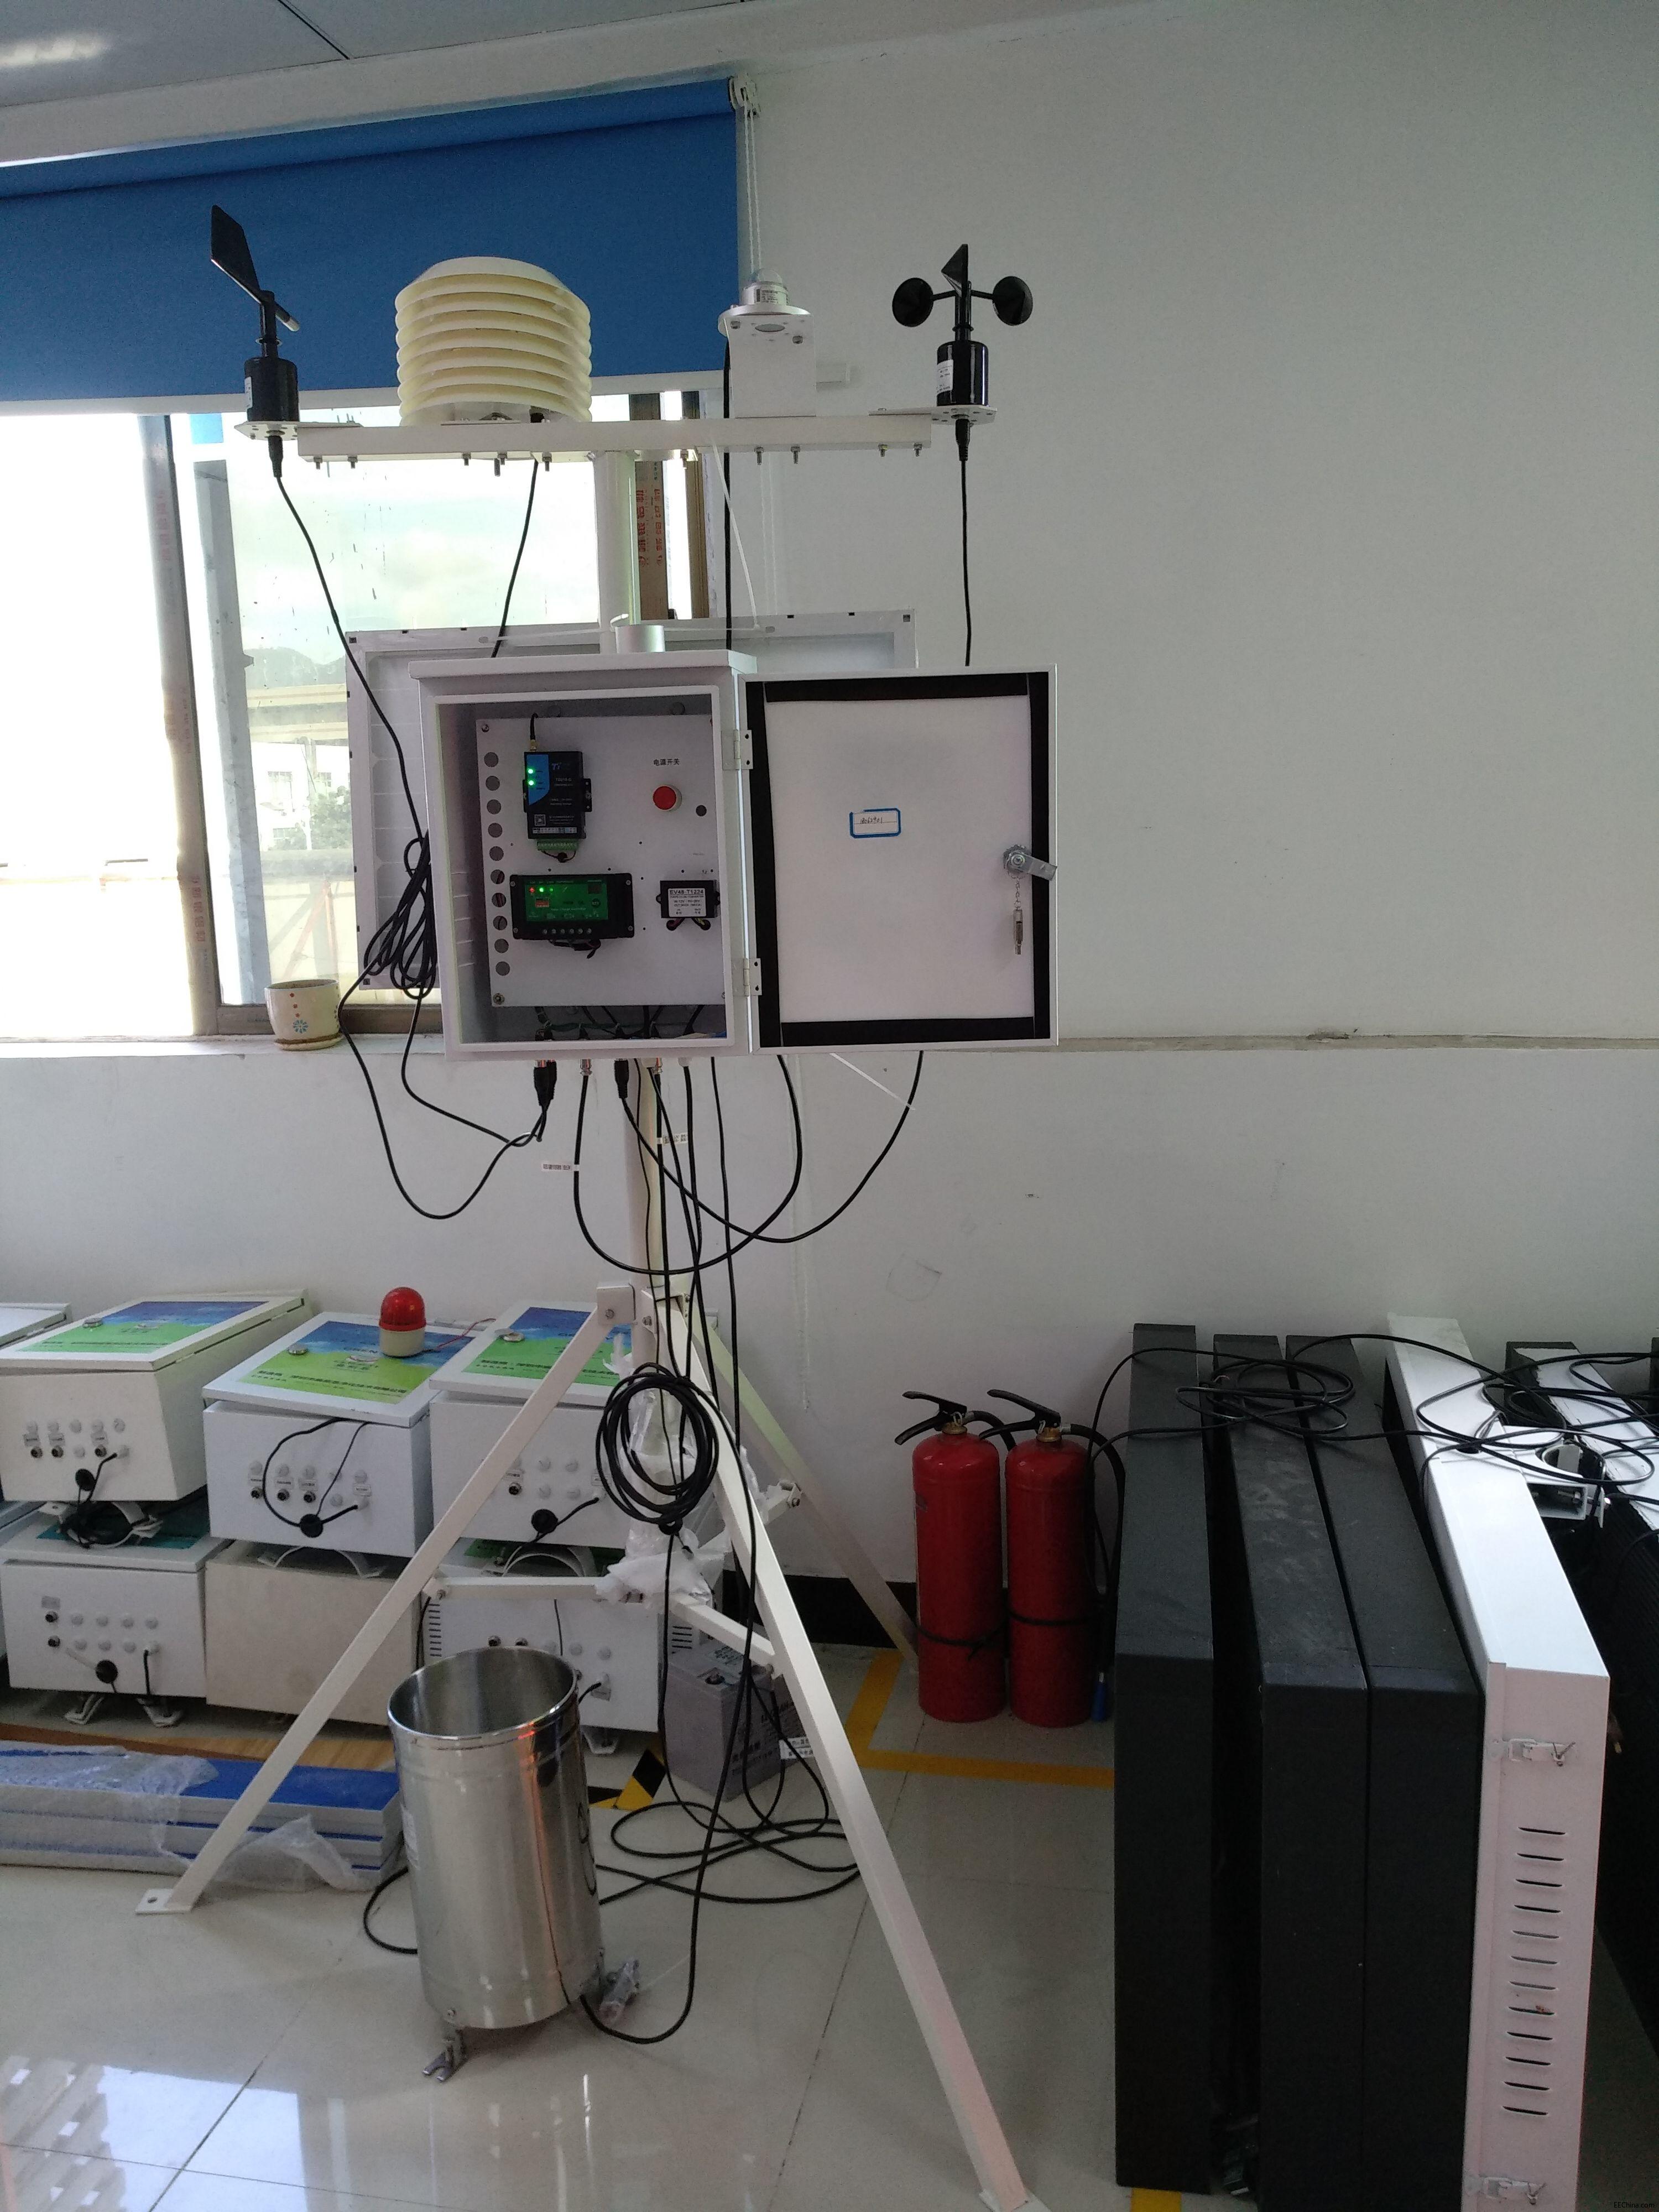 深圳奥斯恩气象监测站如何助力海洋与渔业环境气候监测